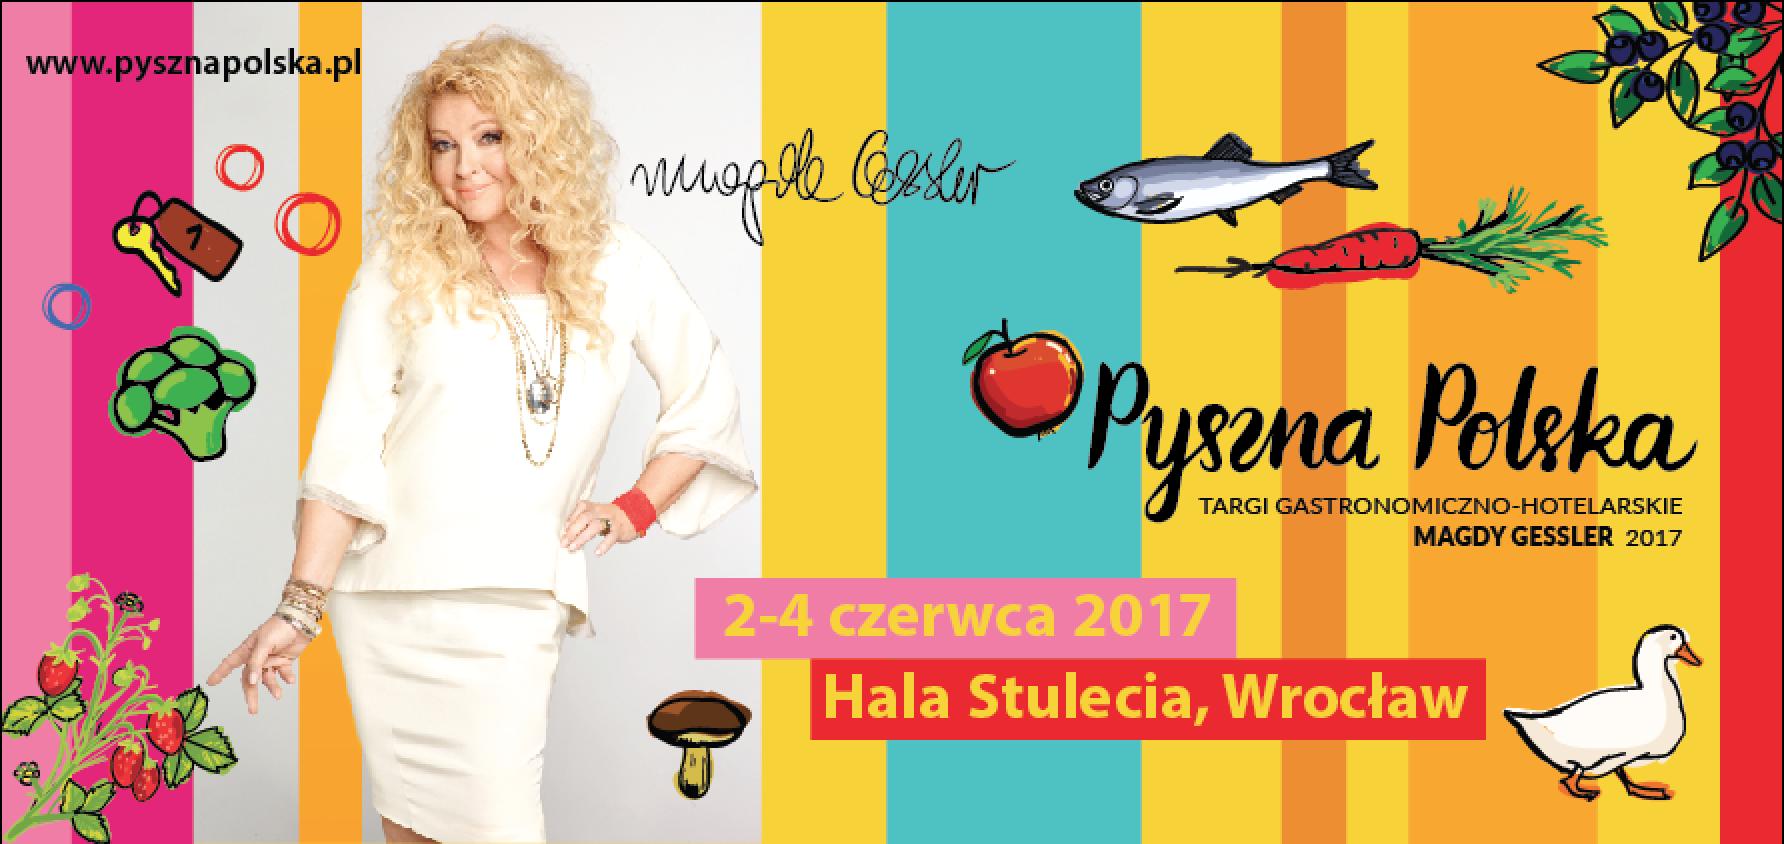 Targi Pyszna Polska 2-4 czerwca 2017